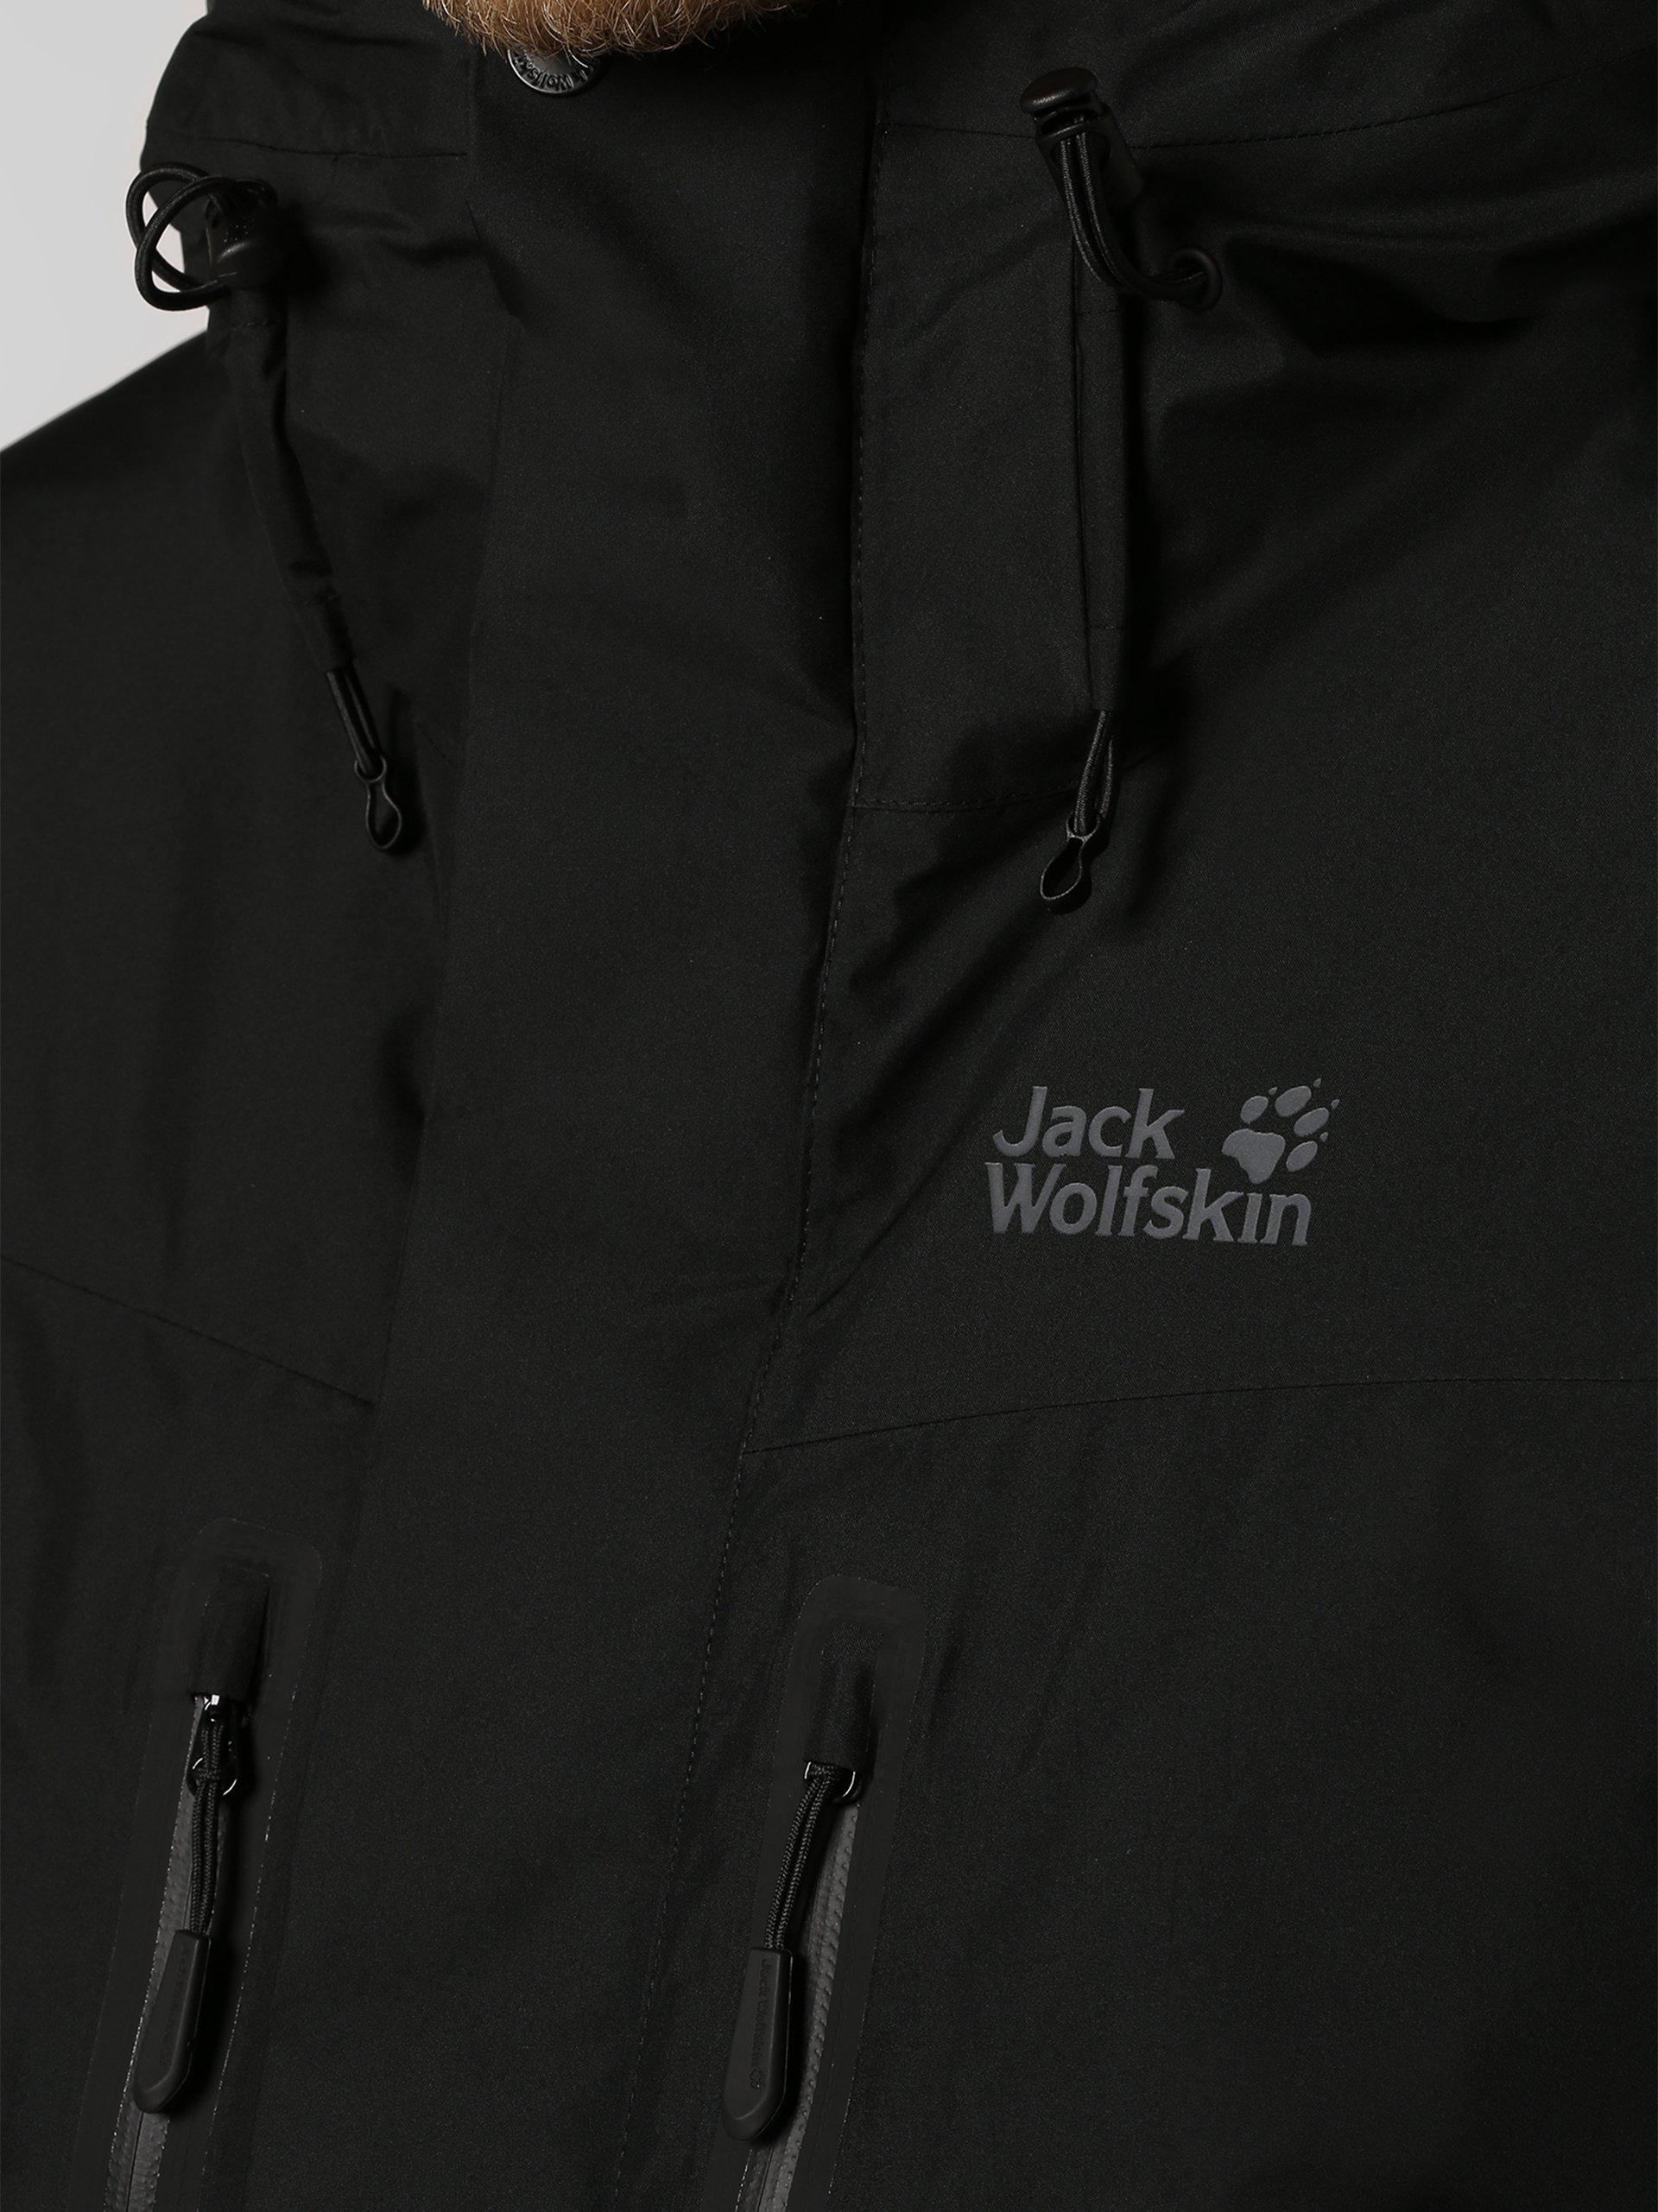 Jack Wolfskin Herren Daunenjacke online kaufen | PEEK UND